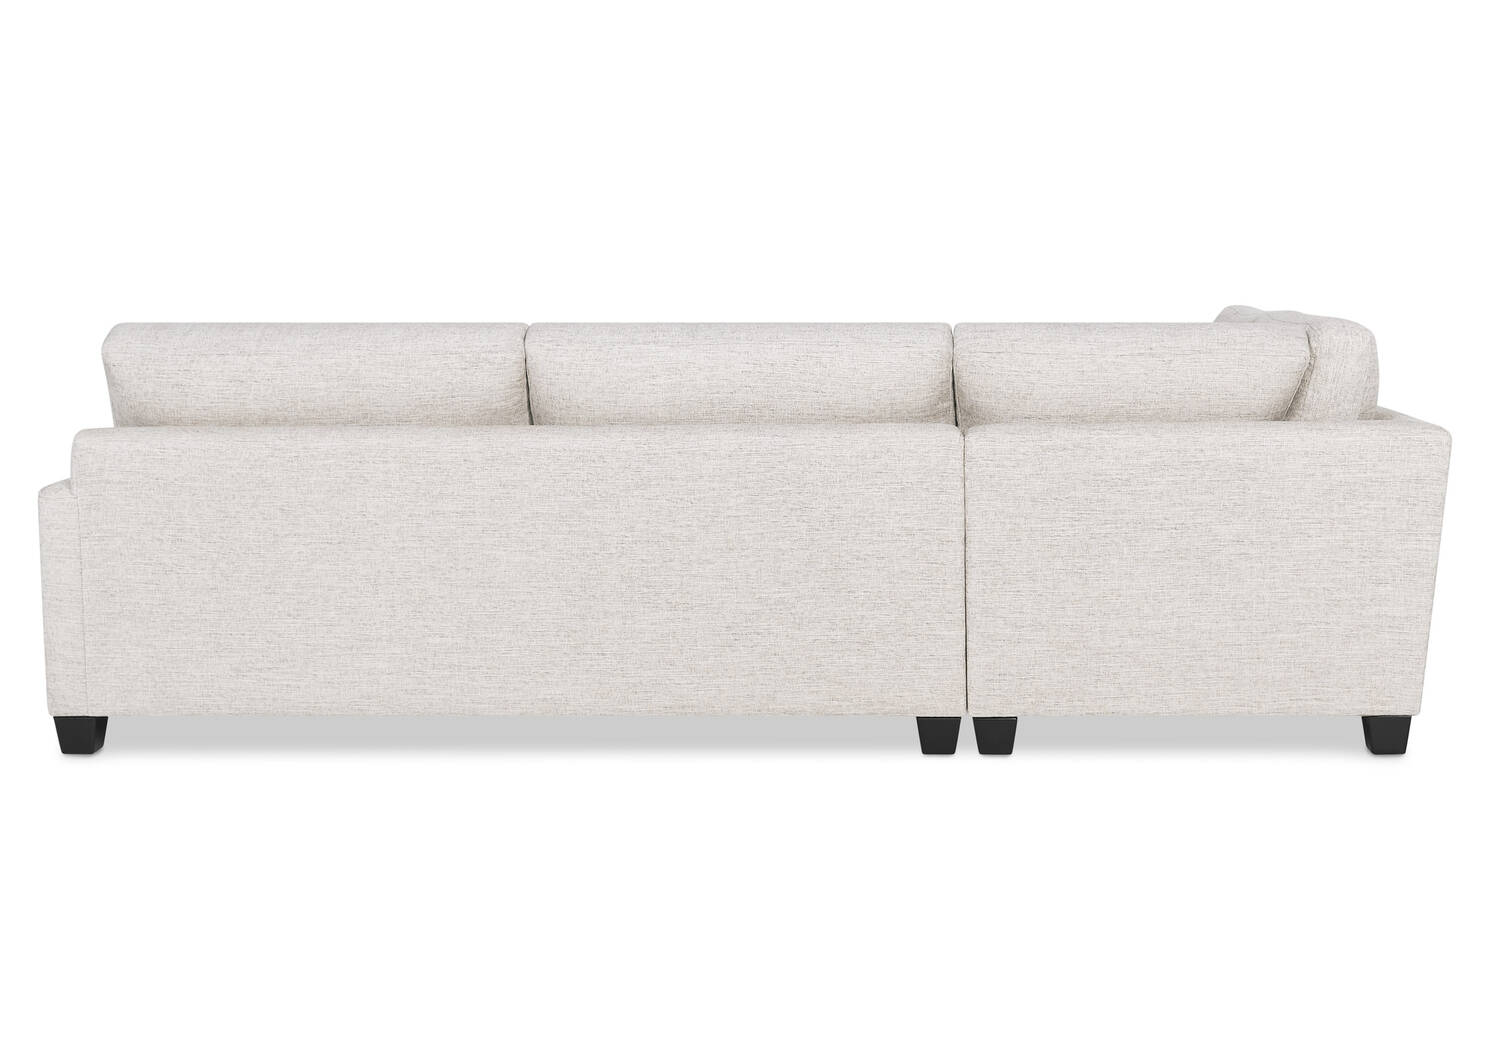 Canapé modulaire Liberty personnalisé